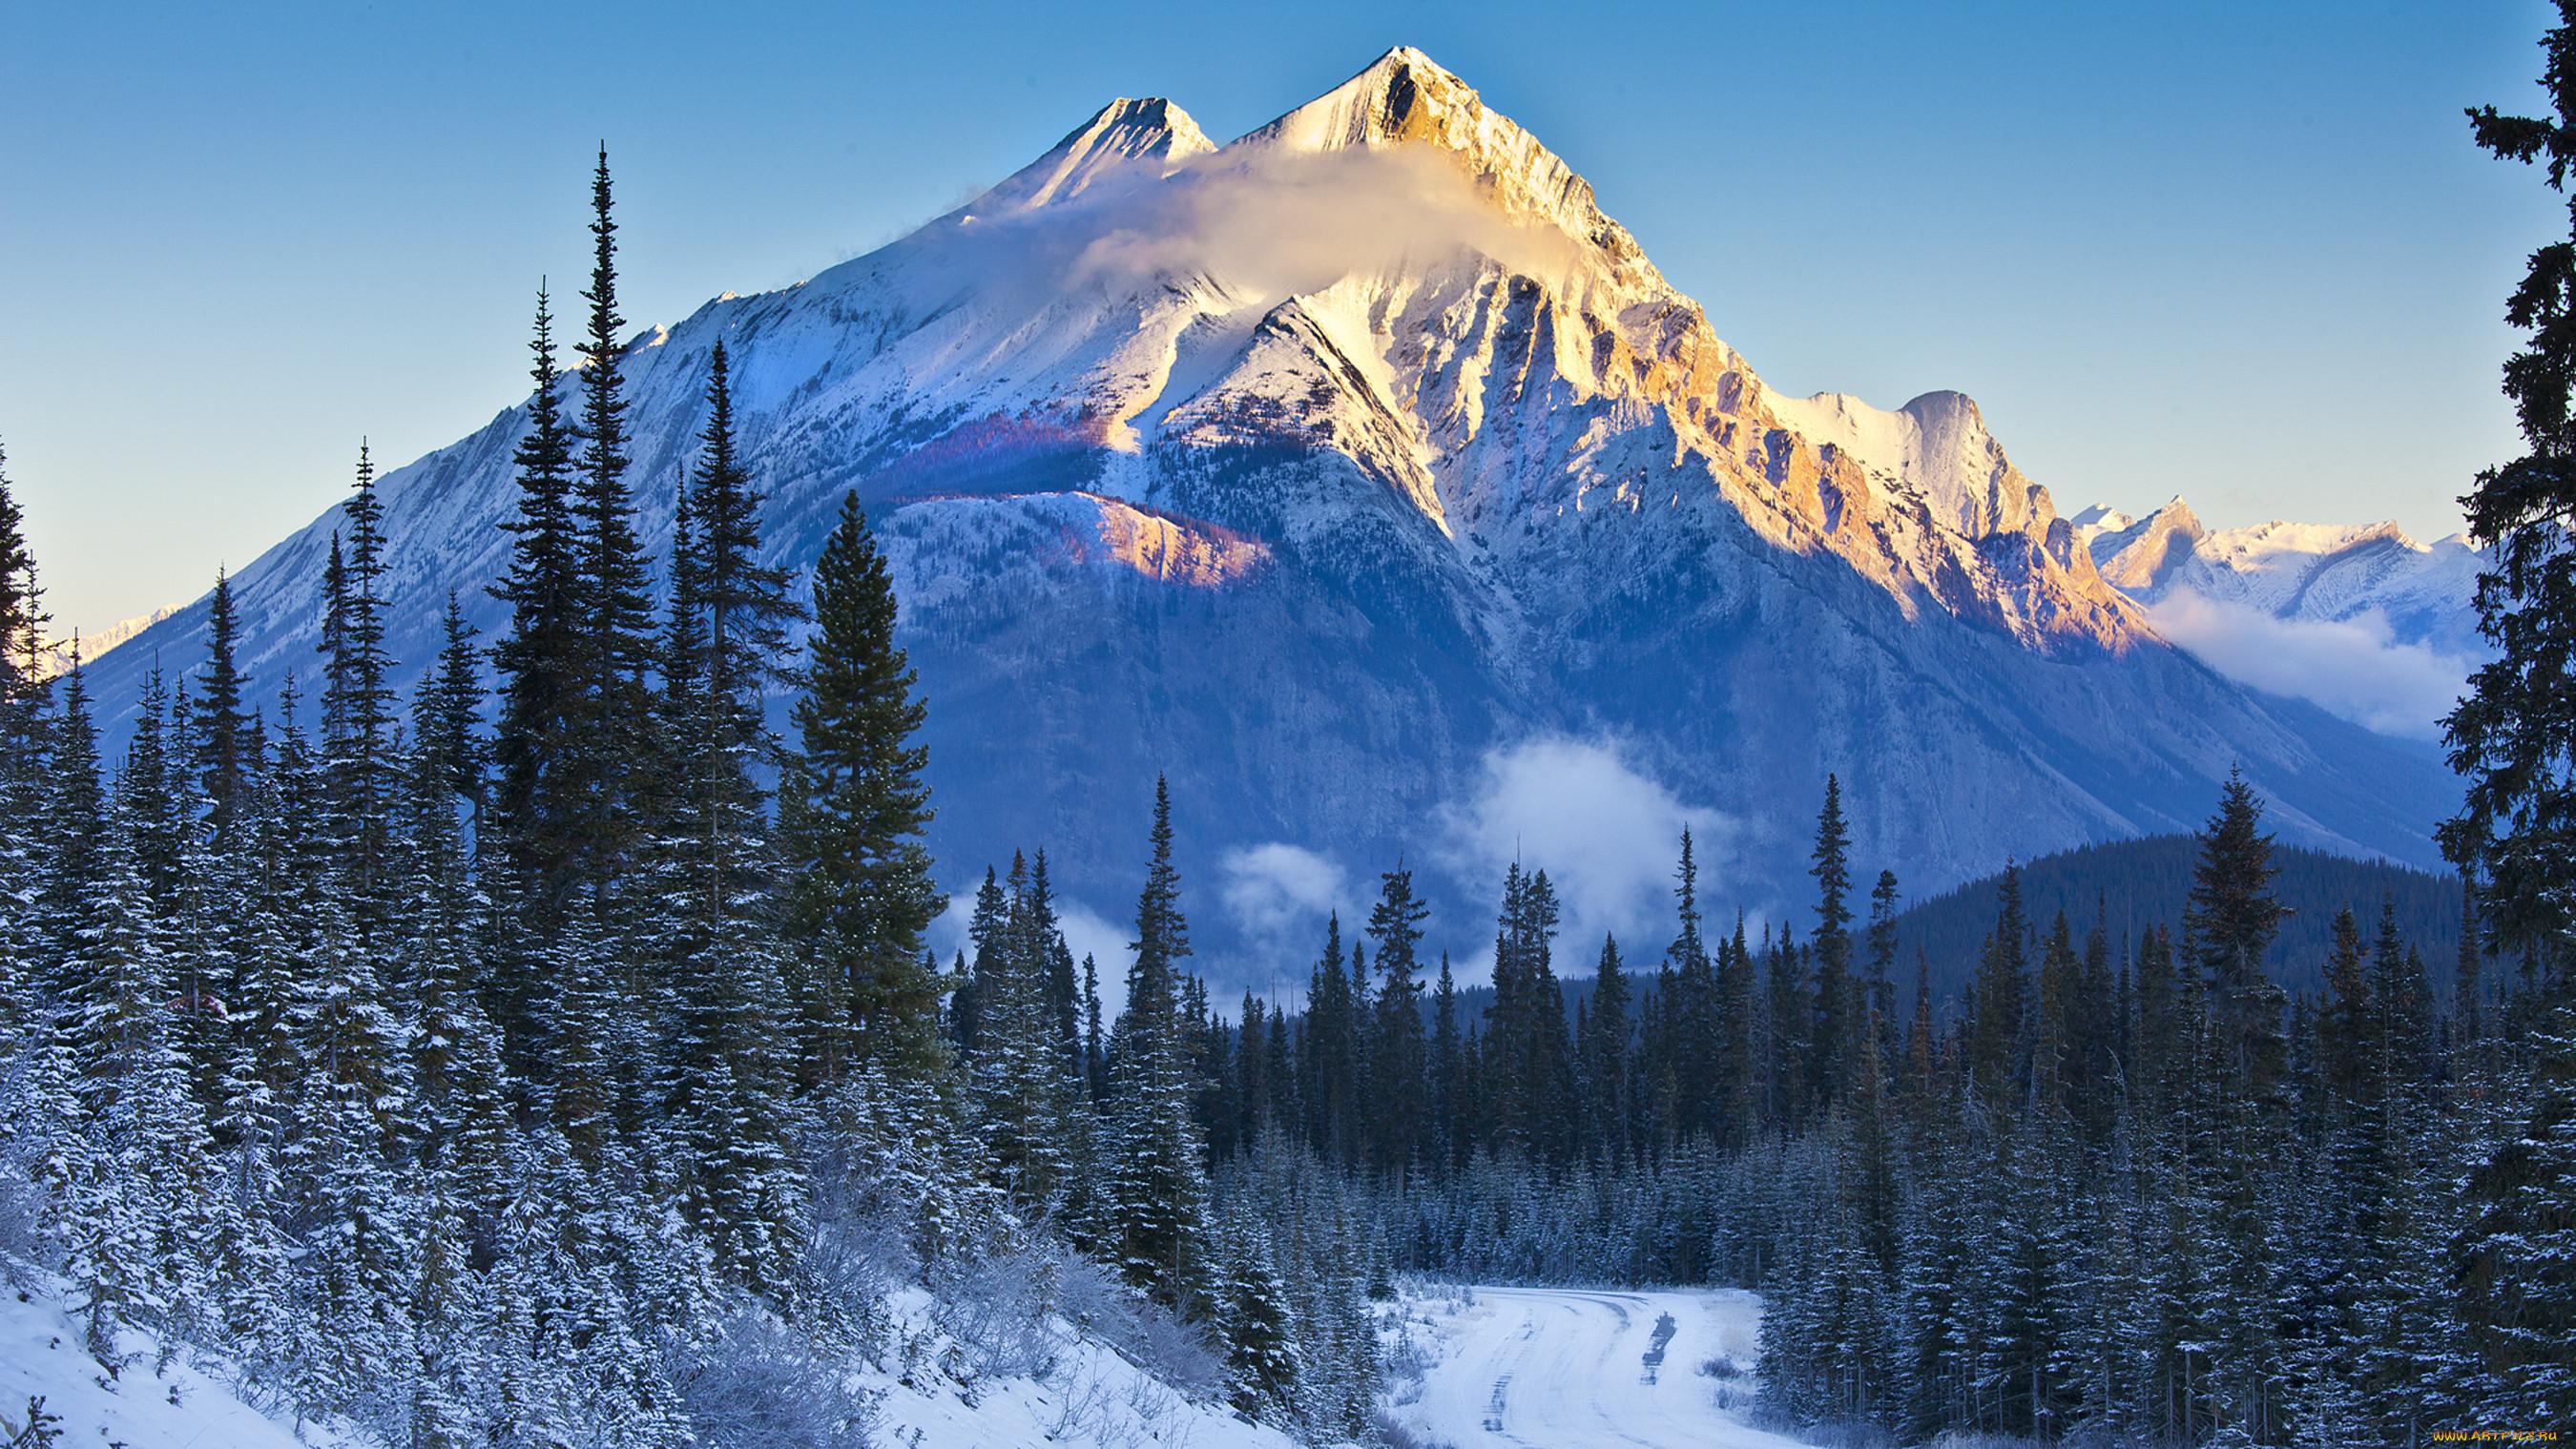 картинка снежные горы россии узкий, что идеально